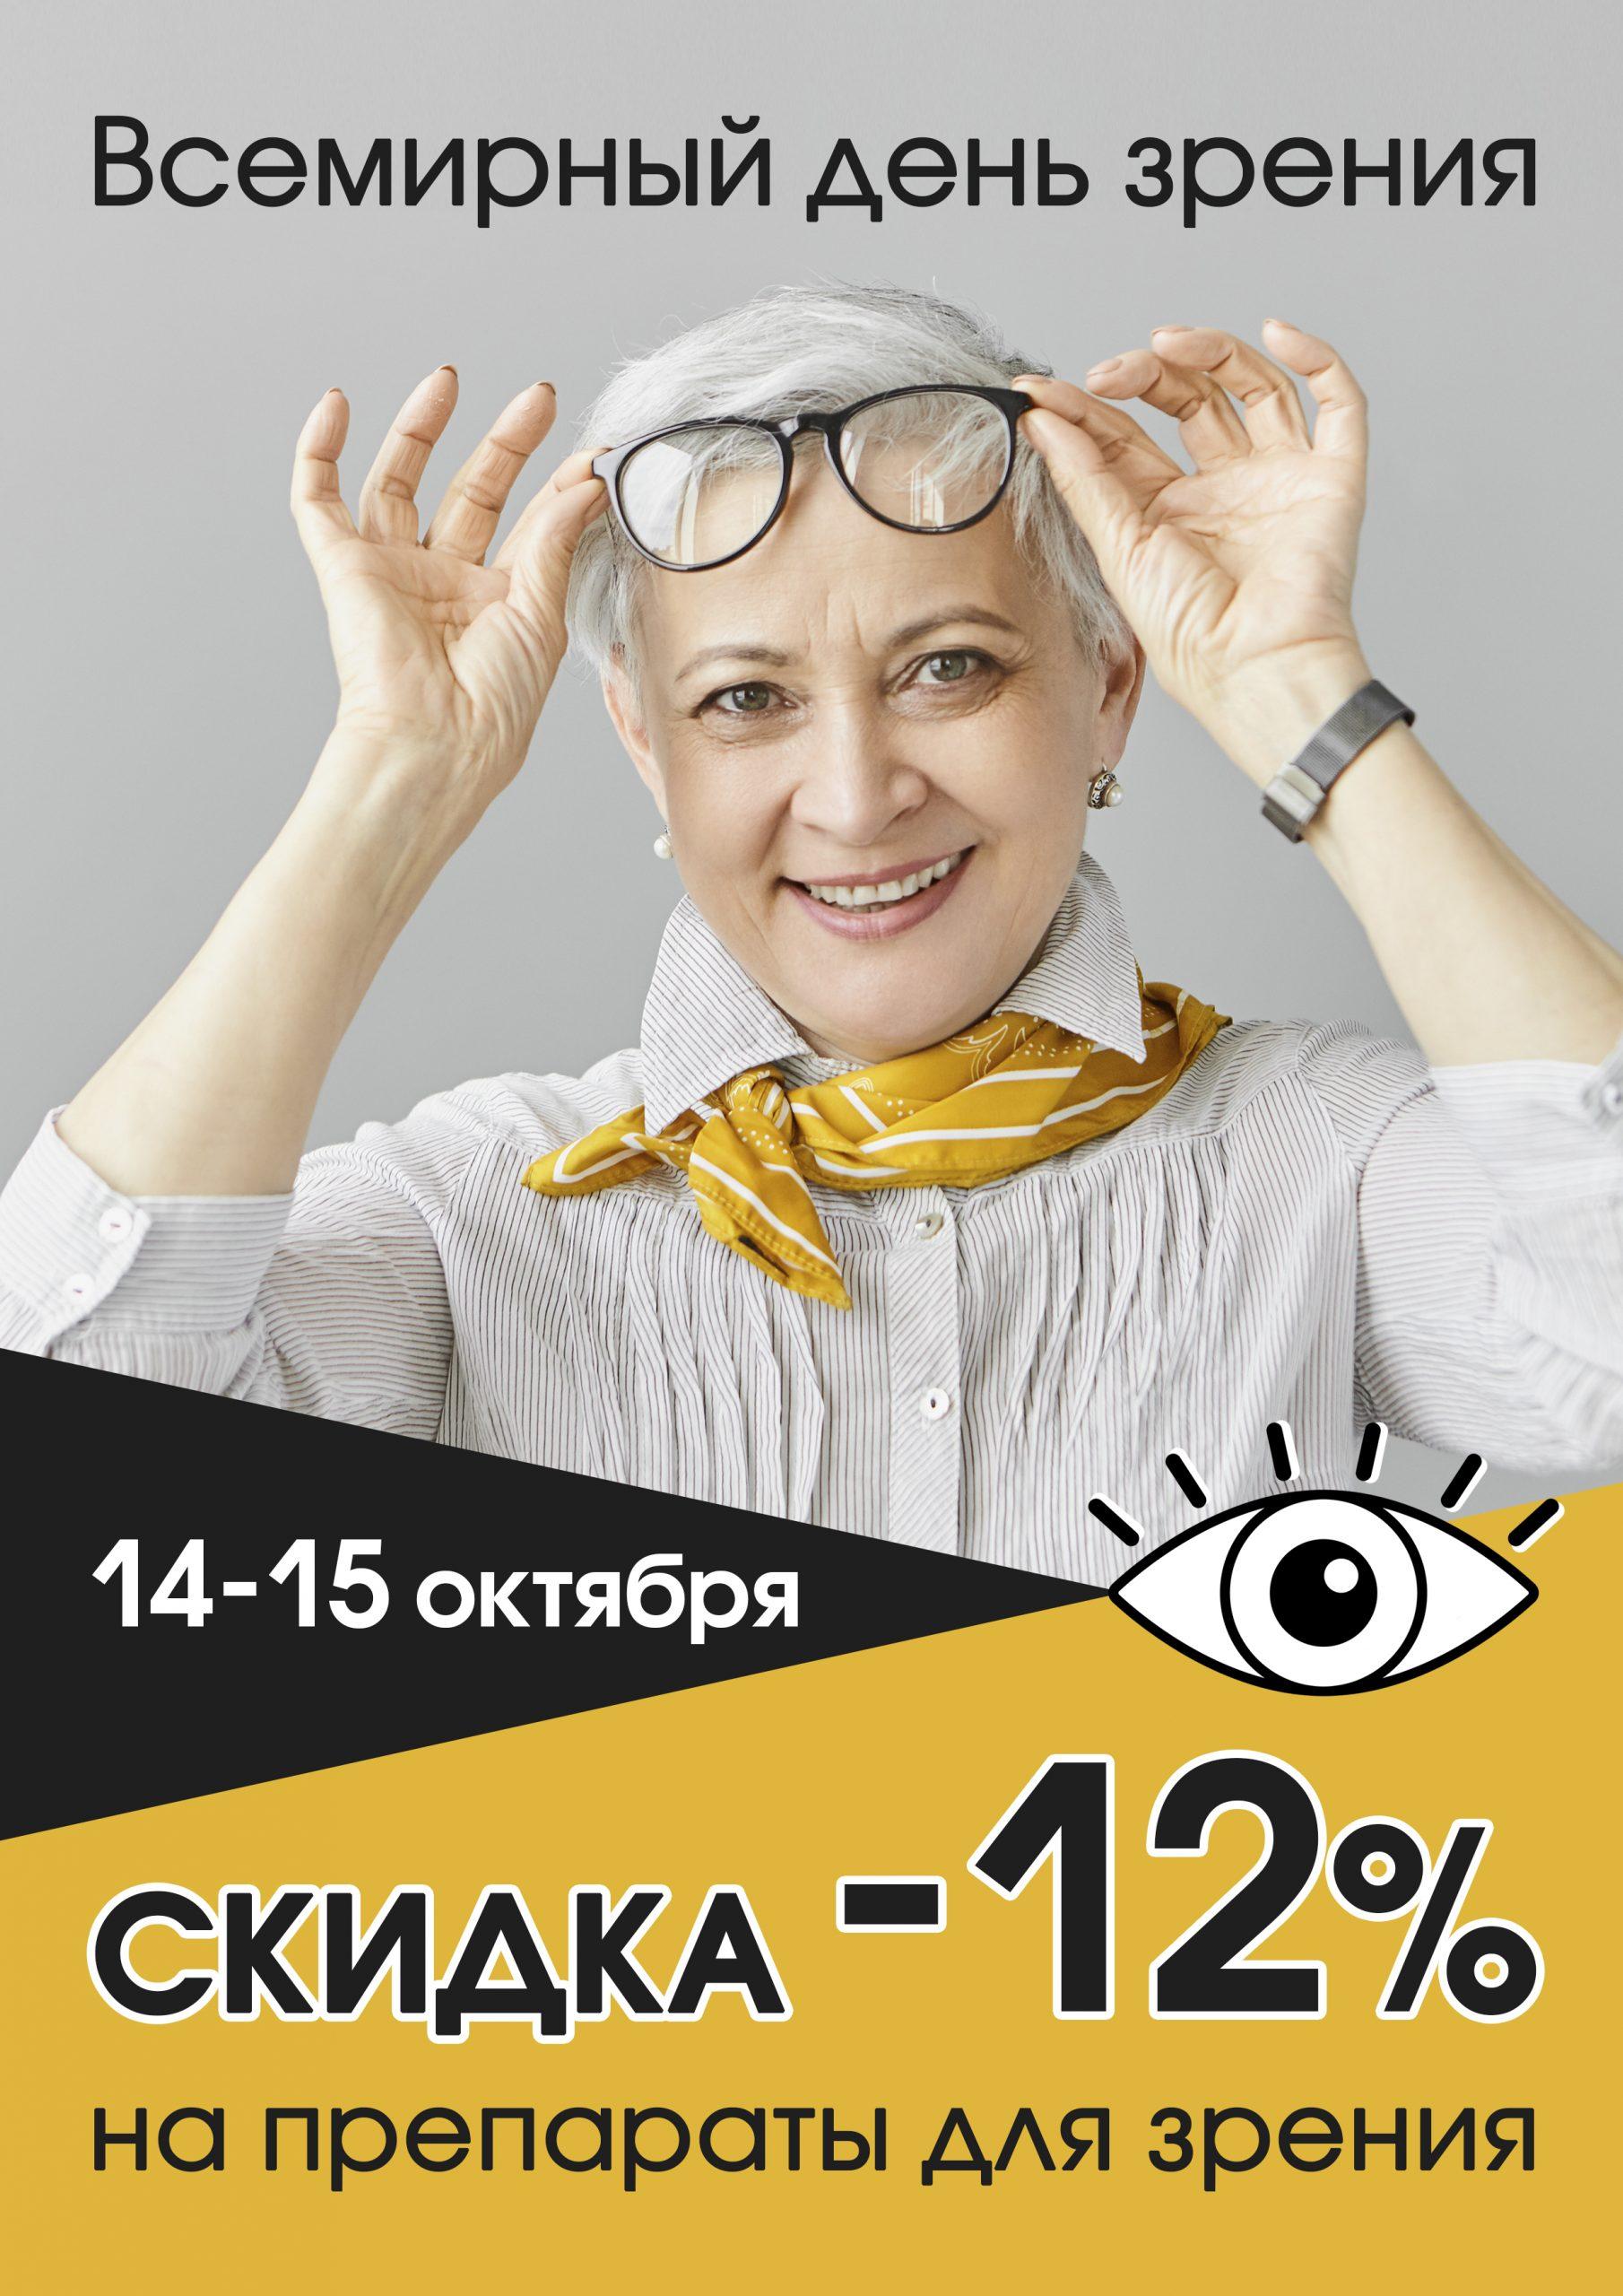 14 октября во Всемирный день зрения вместе с Зеленой аптекой объявляем скидки!